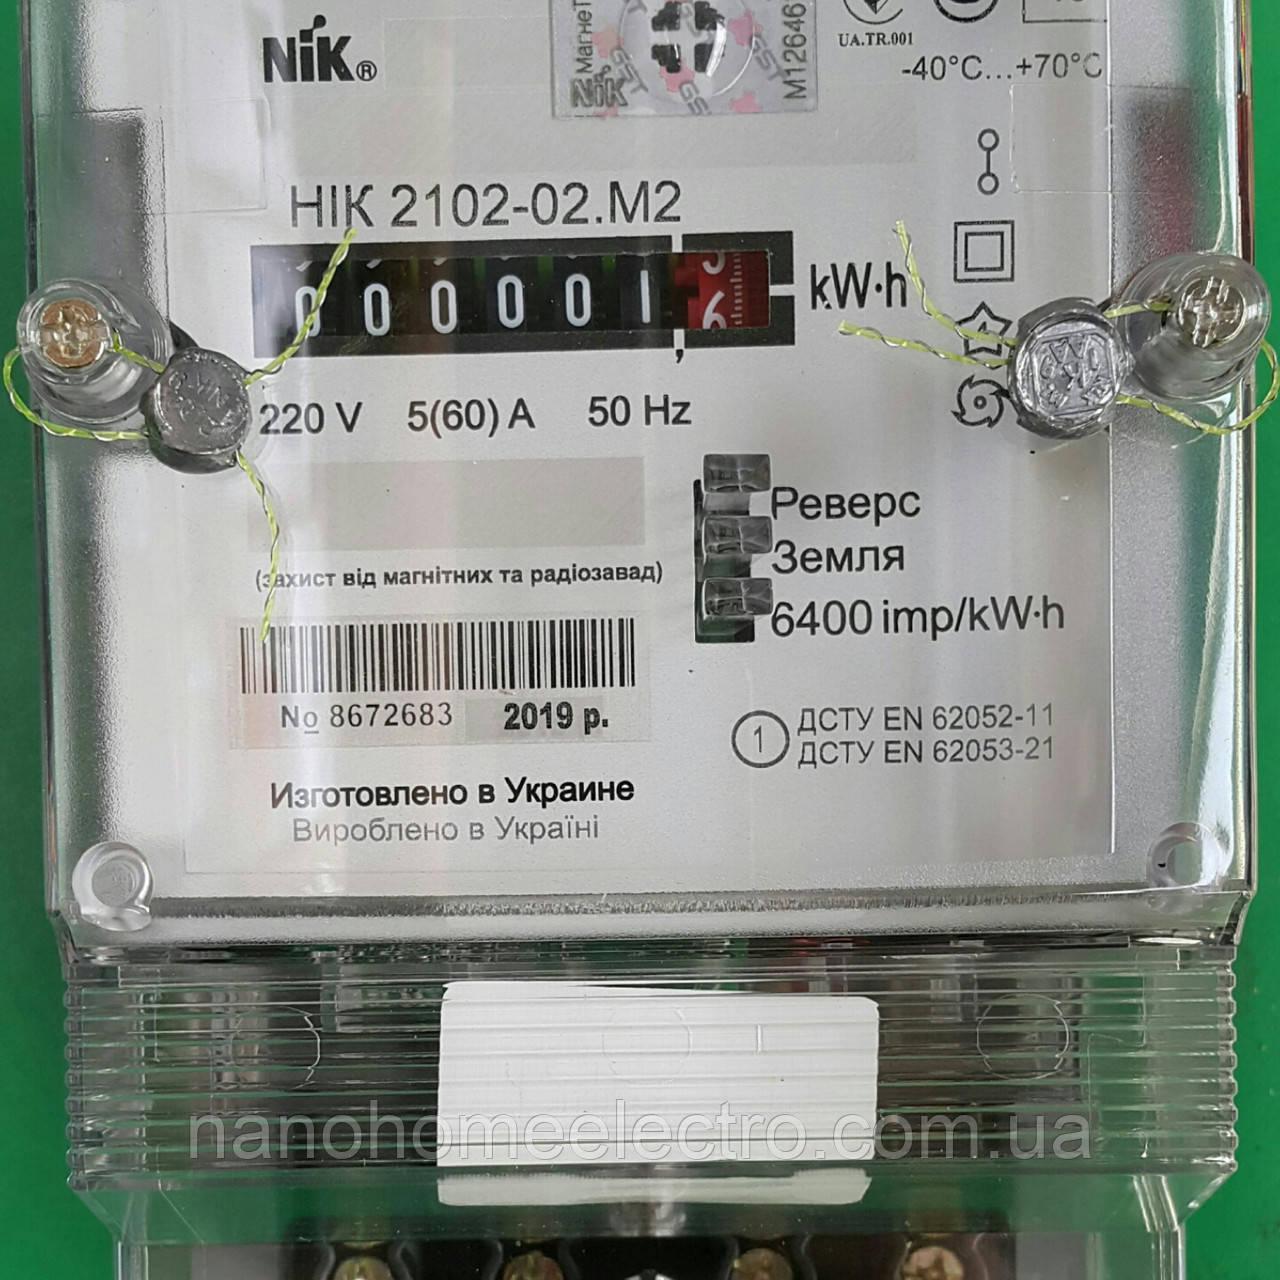 Лічильник електроміханіческий Nik 2102-02 М1